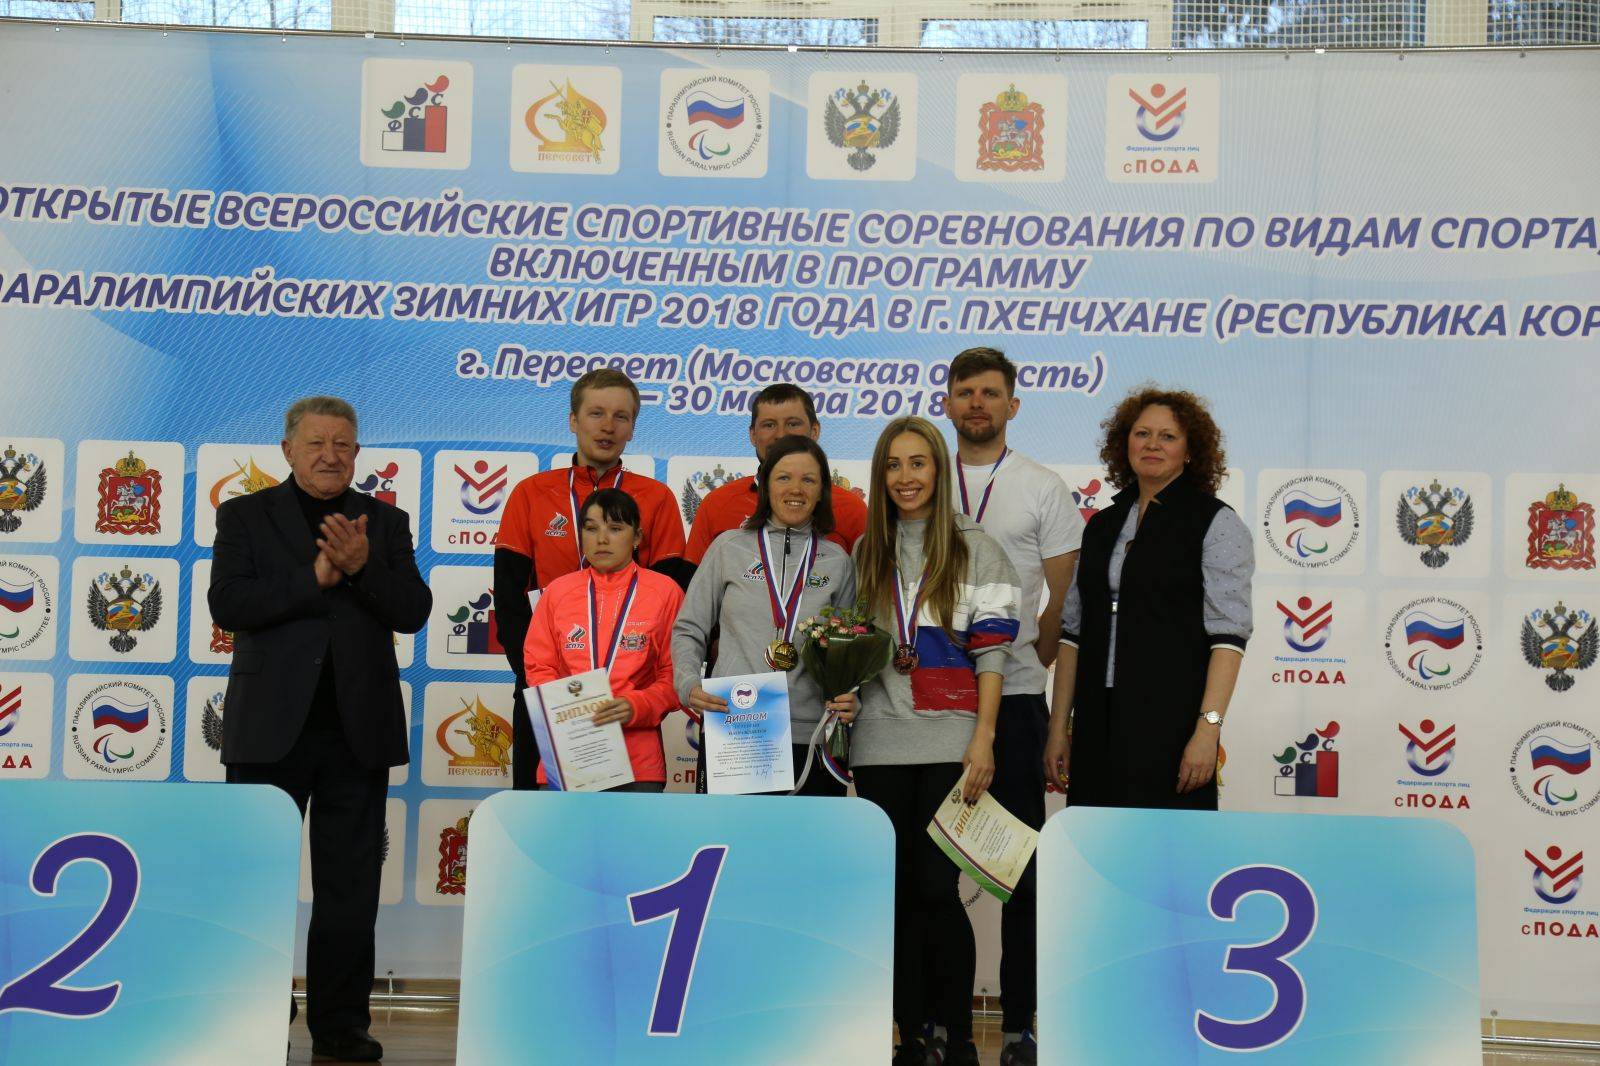 Итоги первого дня Открытых Всероссийских соревнований по видам спорта, включенным в программу Паралимпийских зимних игр